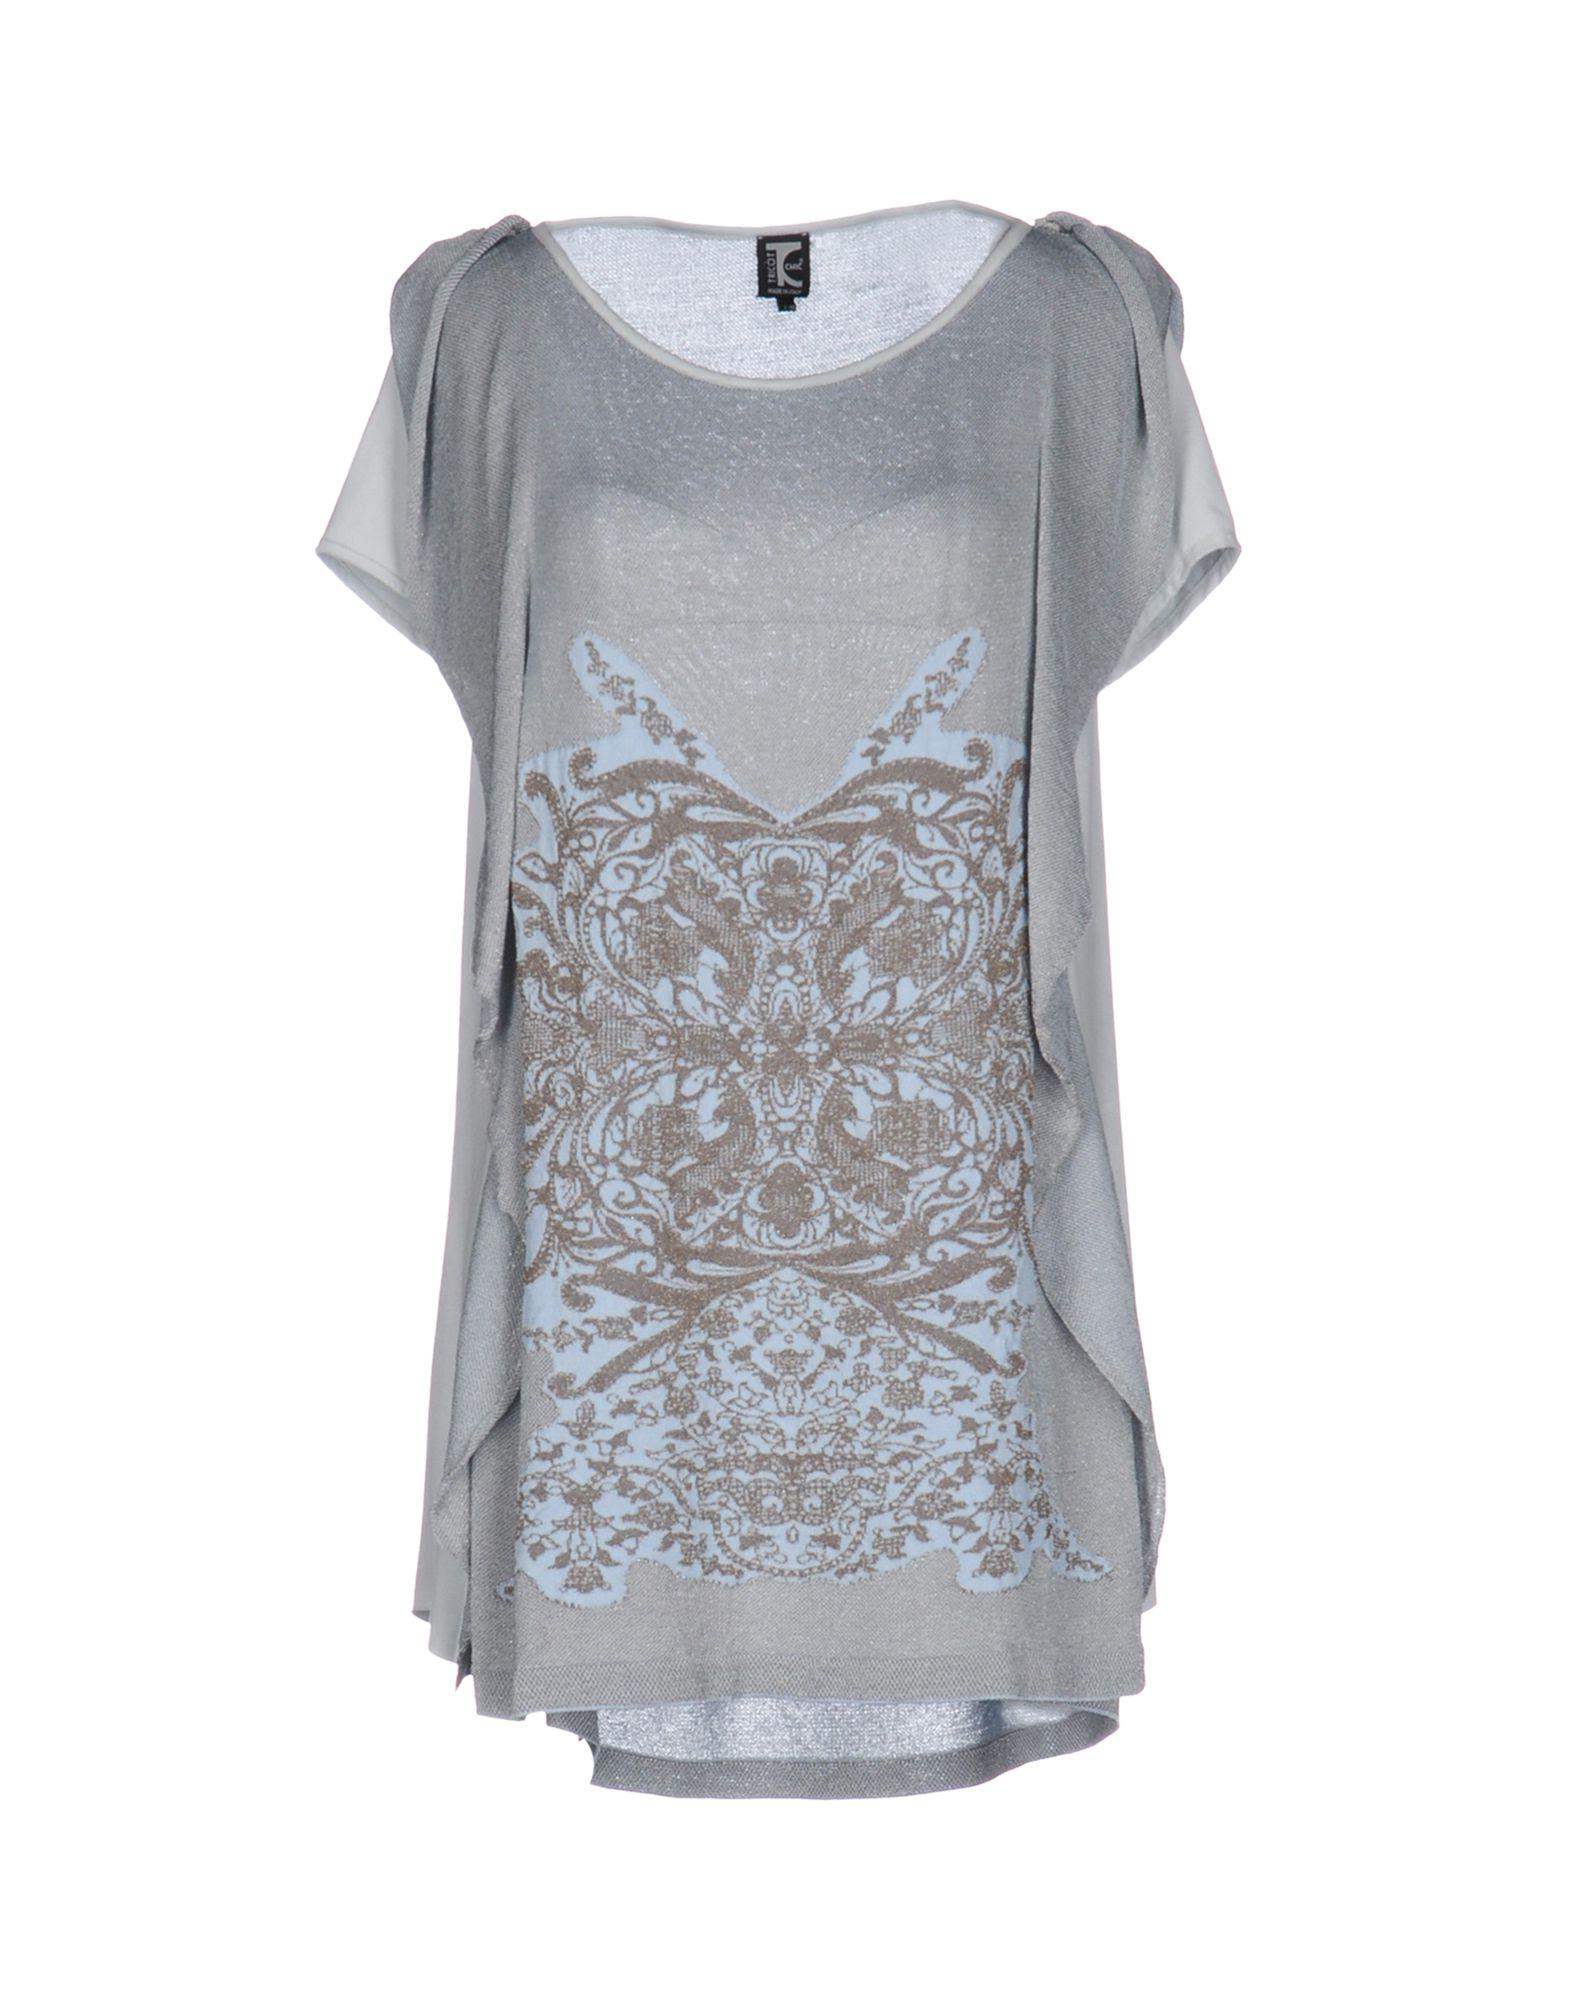 TRICOT CHIC Damen Pullover Farbe Hellgrau Größe 7 jetztbilligerkaufen